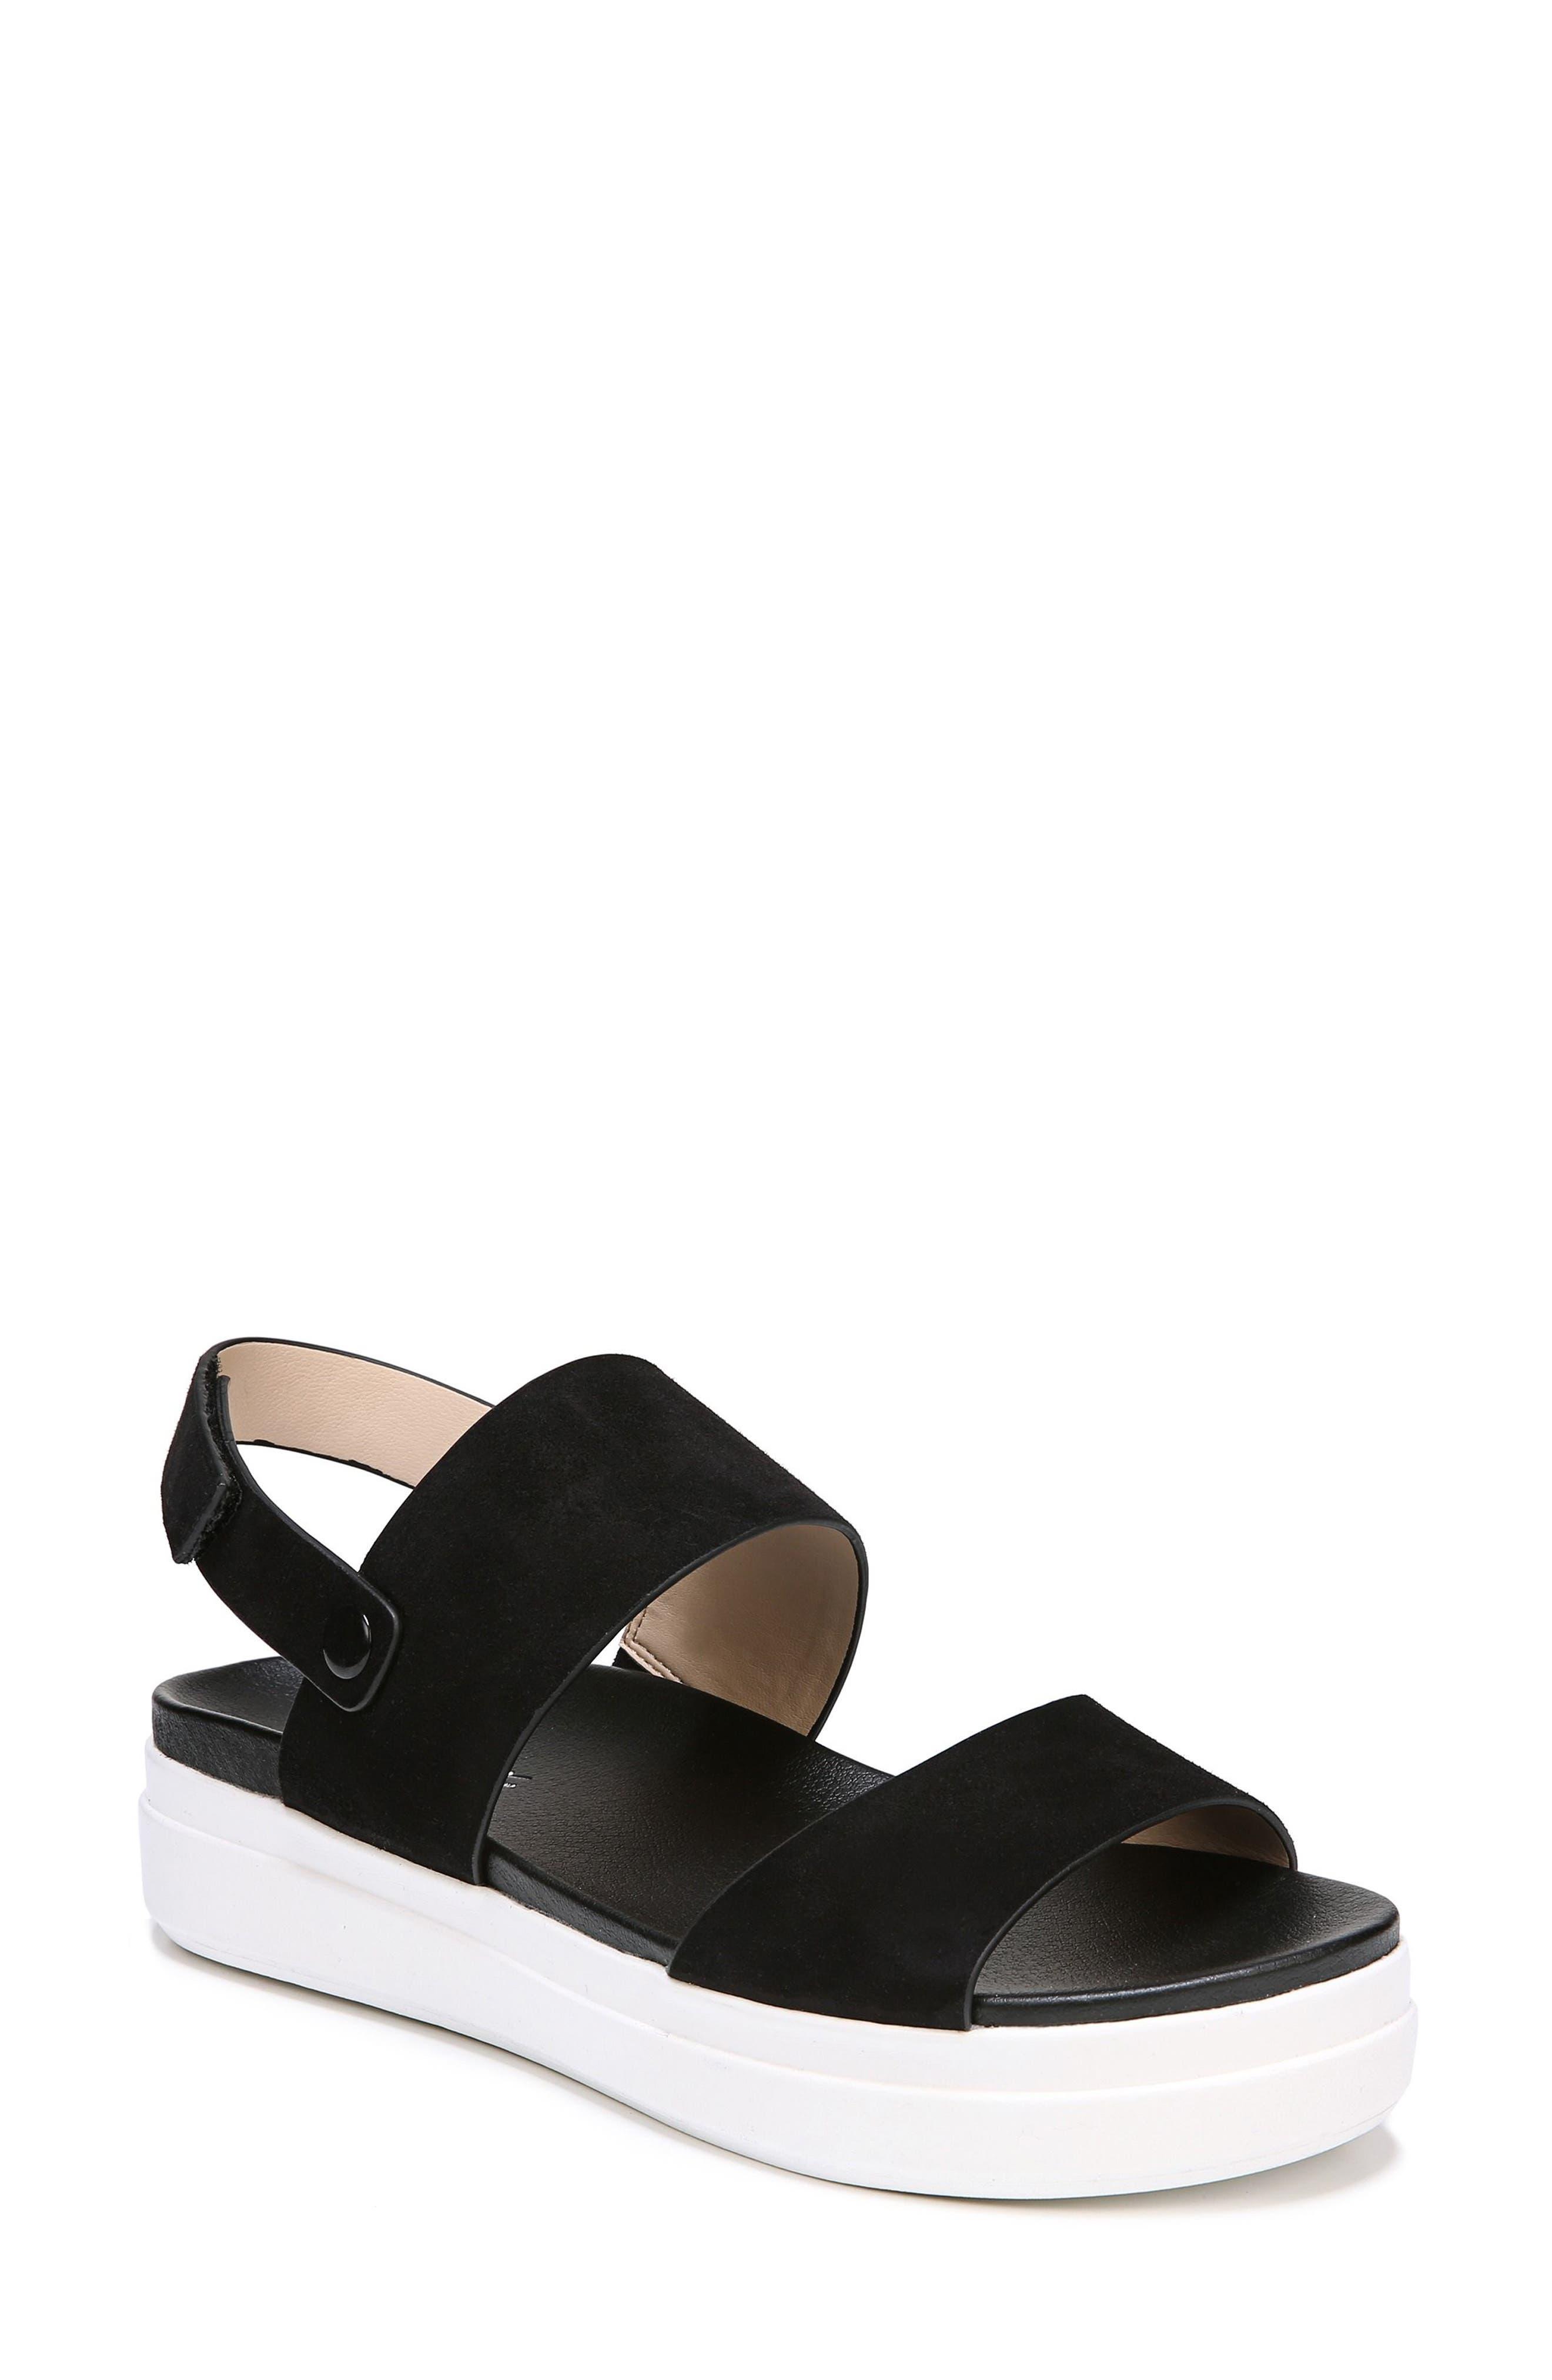 Scout Platform Sandal,                             Main thumbnail 1, color,                             BLACK SUEDE